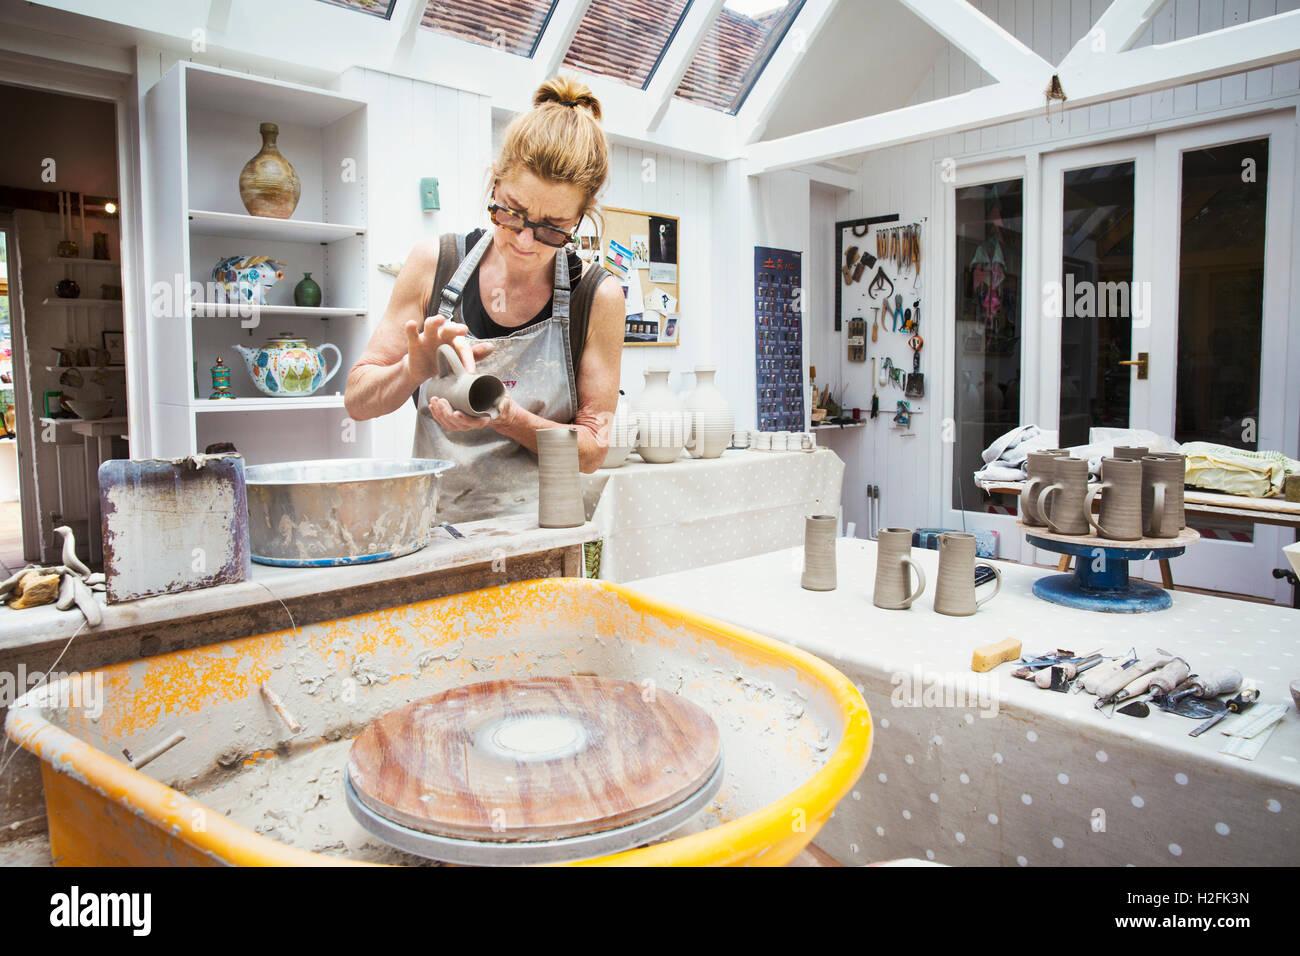 Un potter de la manipulation d'un pot d'argile humide, la préparer pour la cuisson au four. Banque D'Images